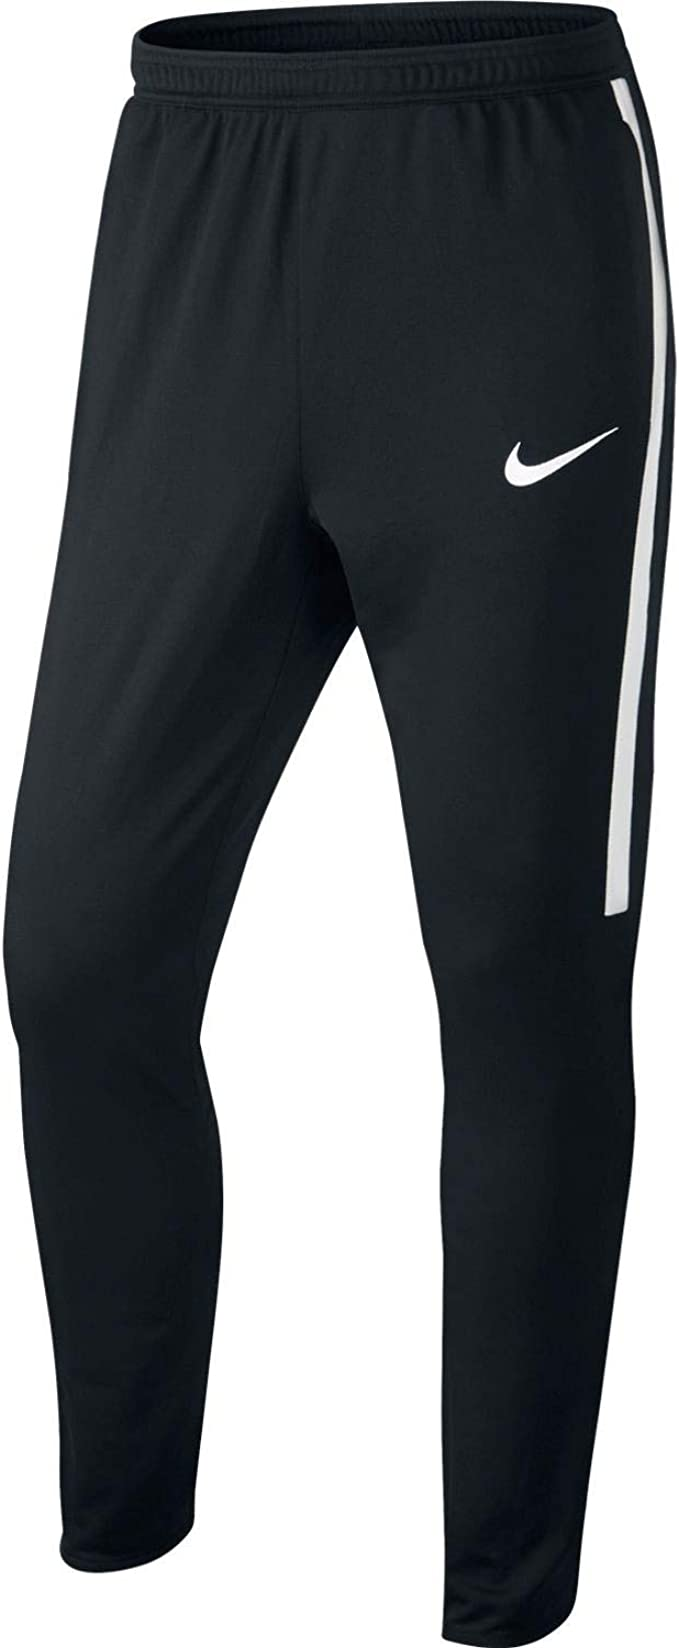 Unirse Velas gusto  Amazon.com: Nike Womens Squad 17 Knit Track Pants Black/White Large:  Clothing